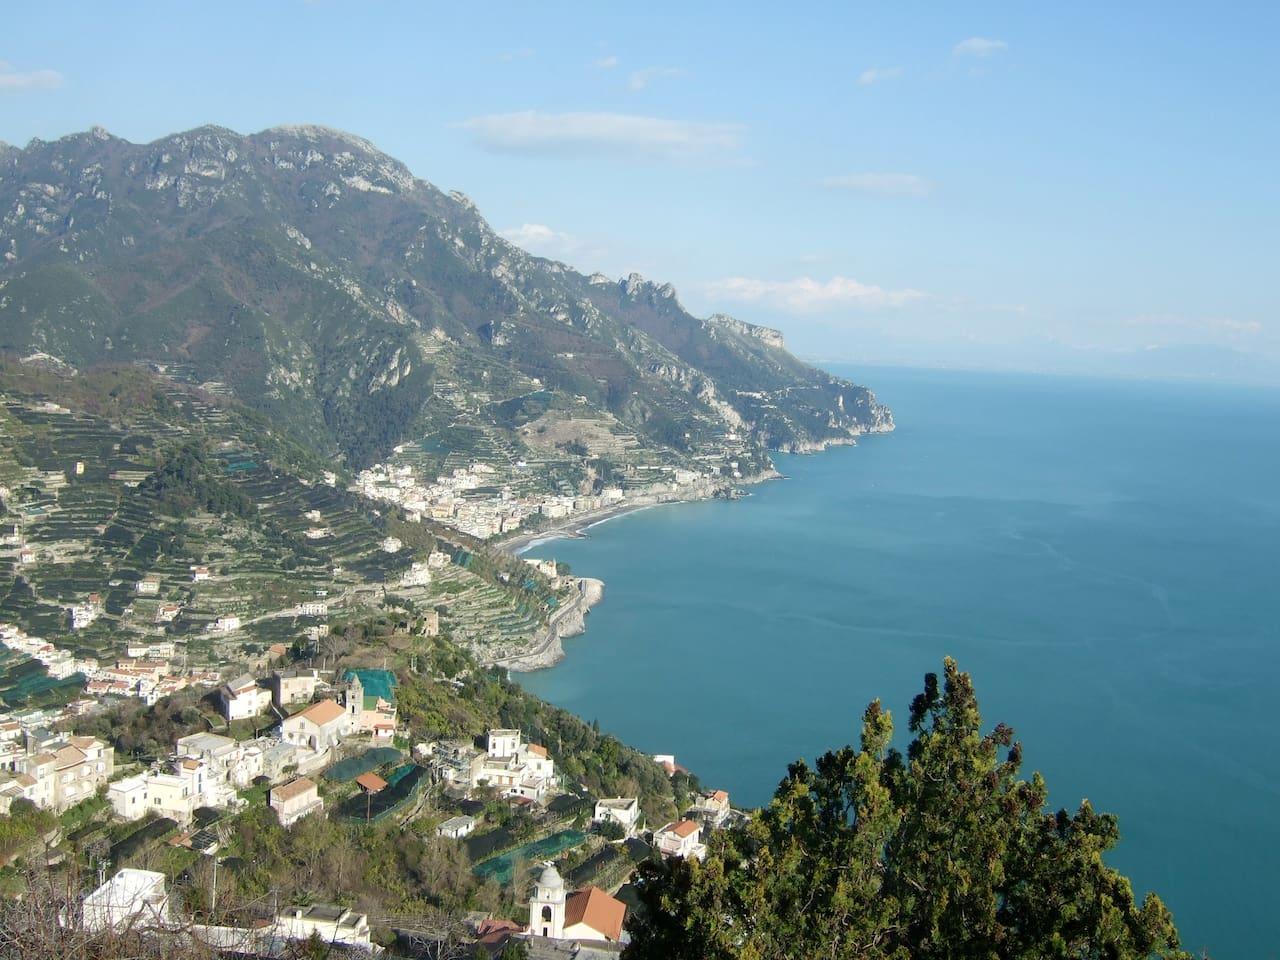 View of Coastline from Ravello